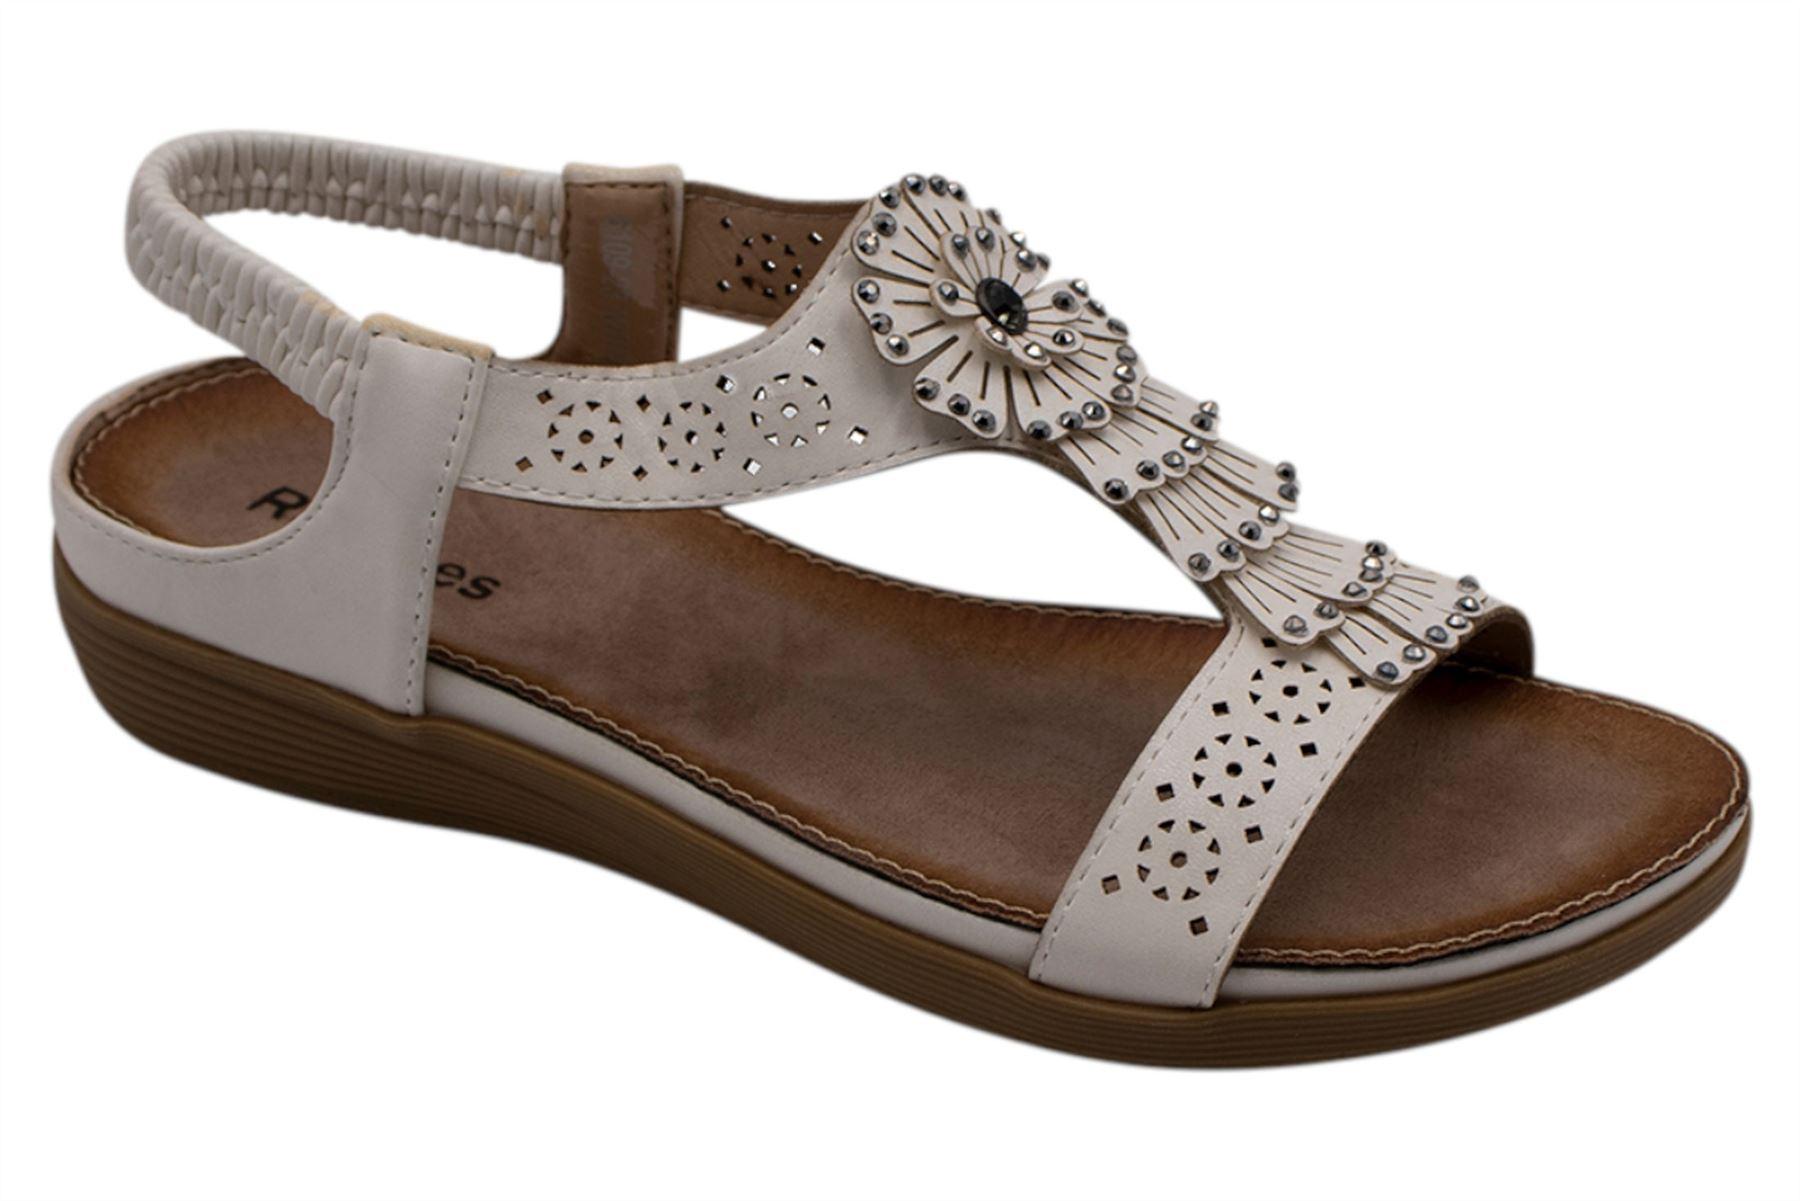 Ladies-Sandals-Womens-Shiny-Flat-Flip-Flop-Beach-Sliders miniatura 36